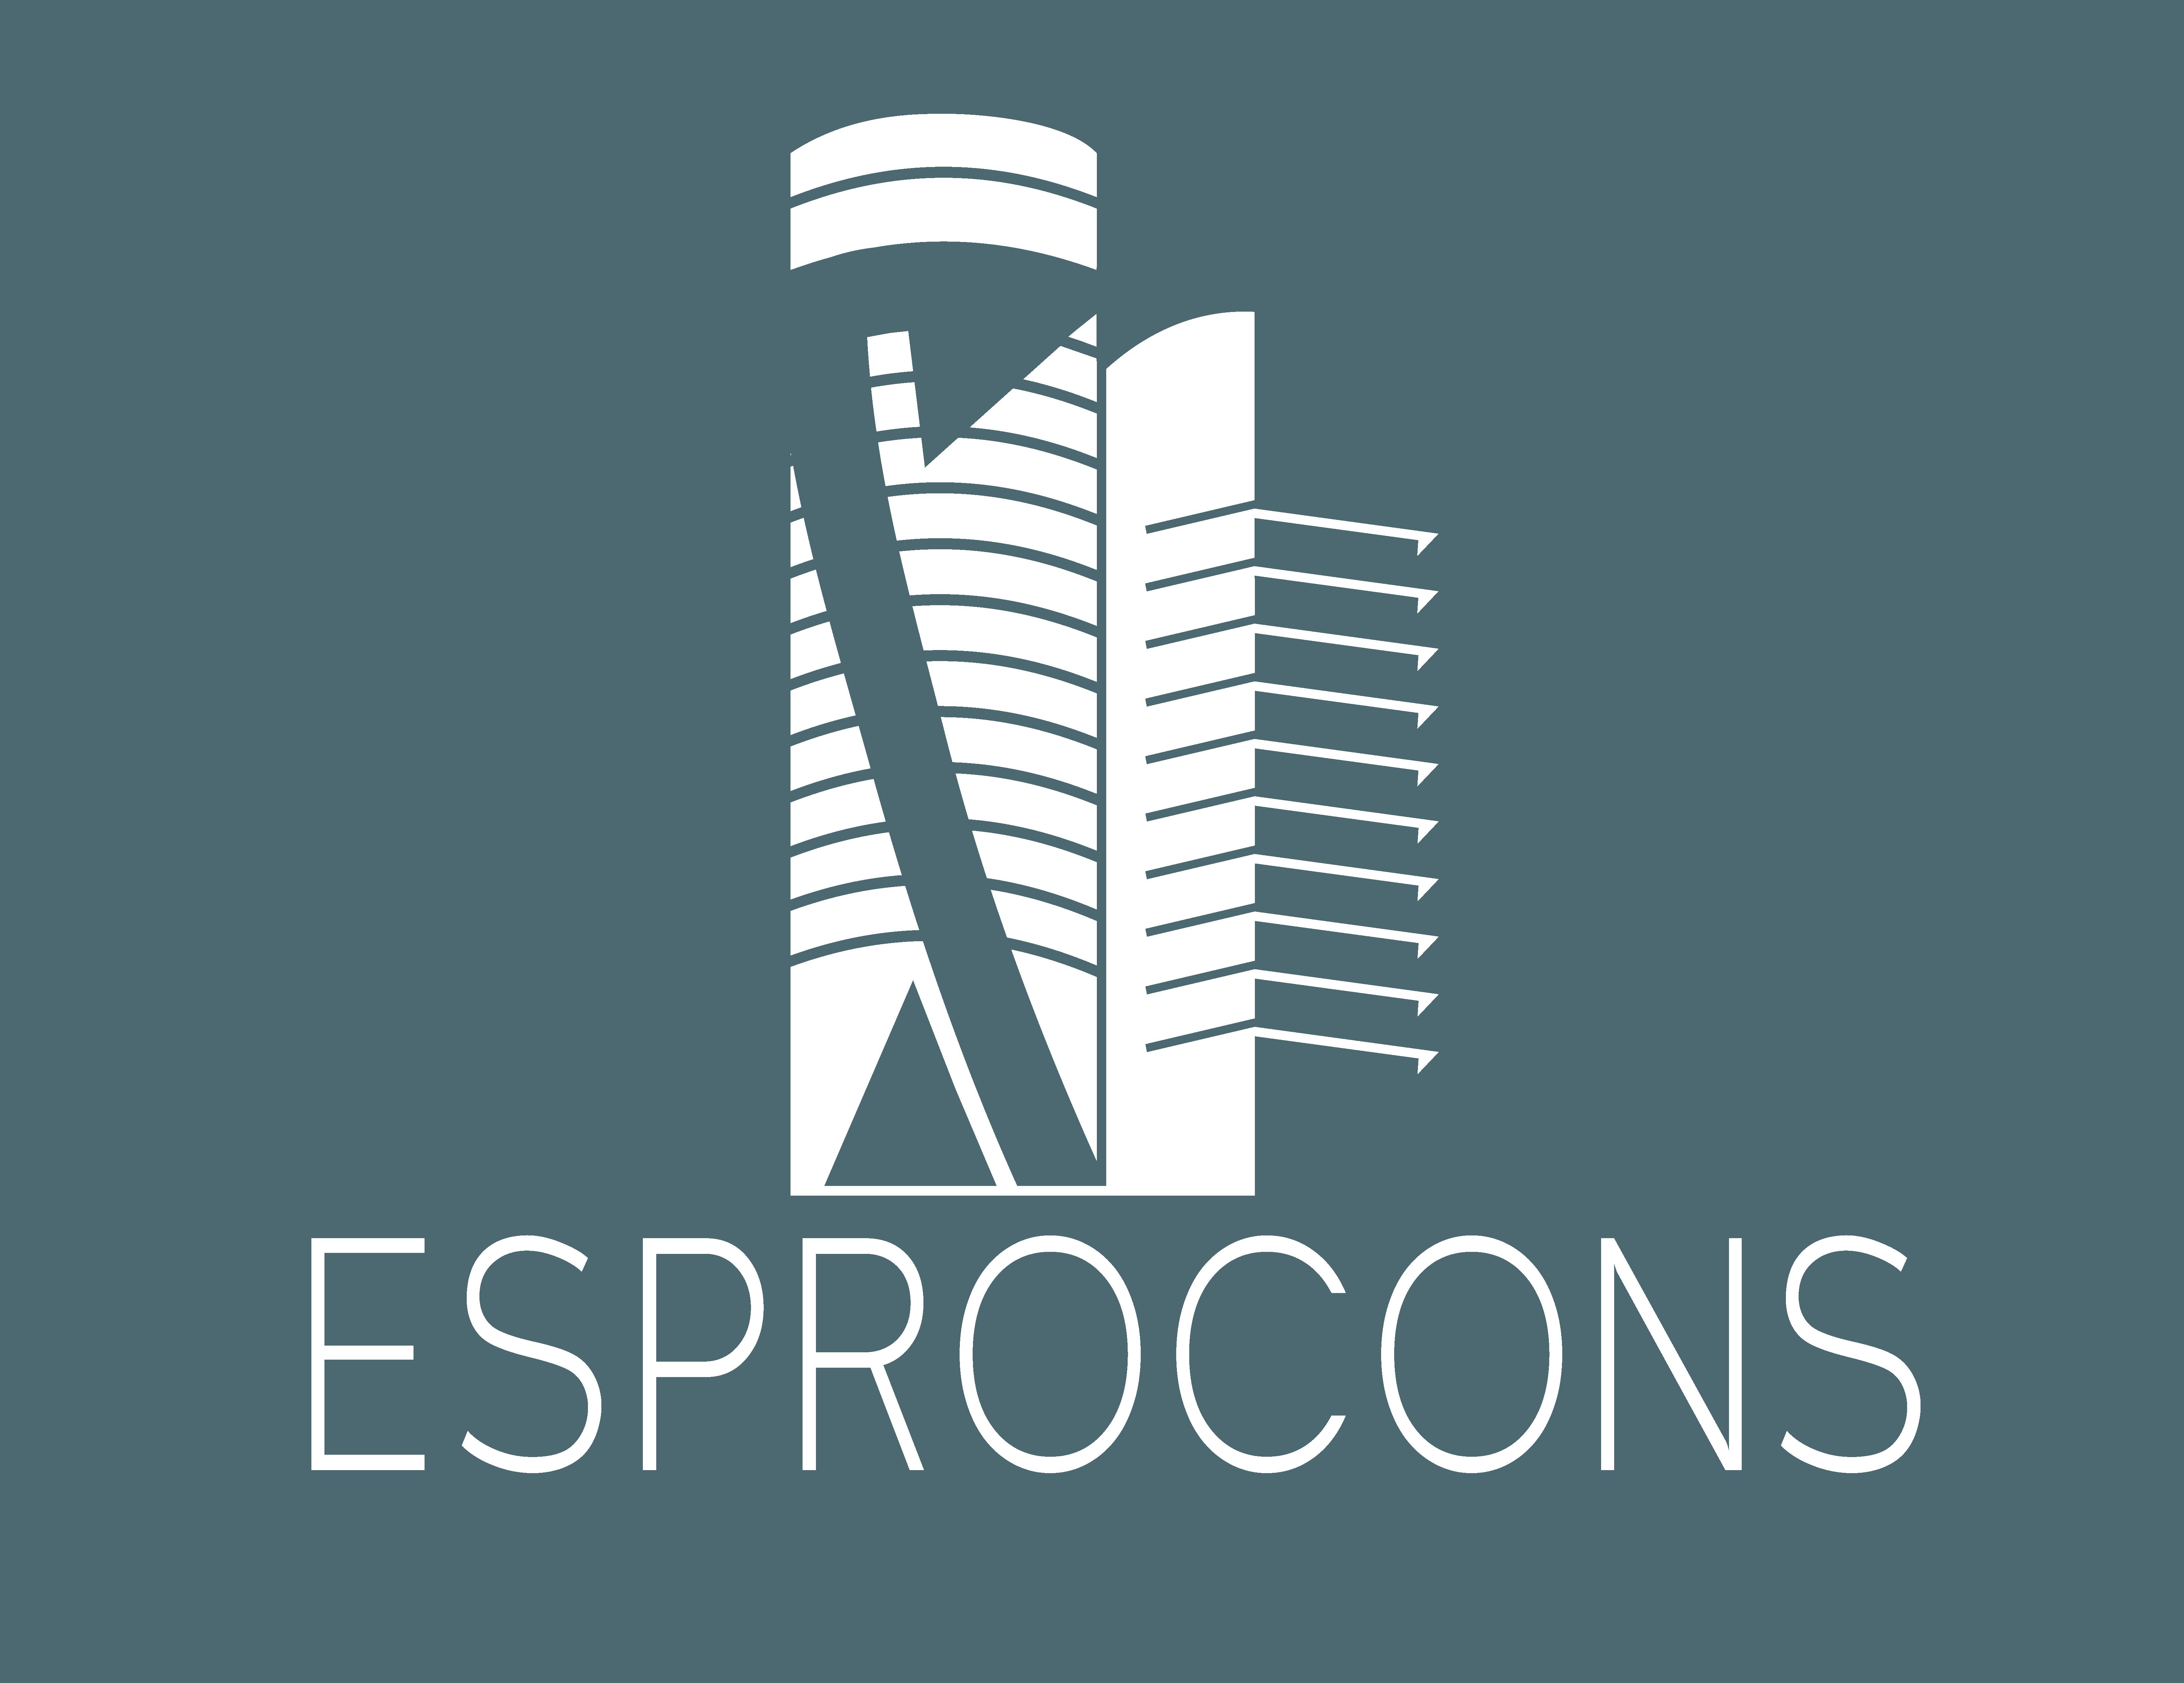 Esprocons